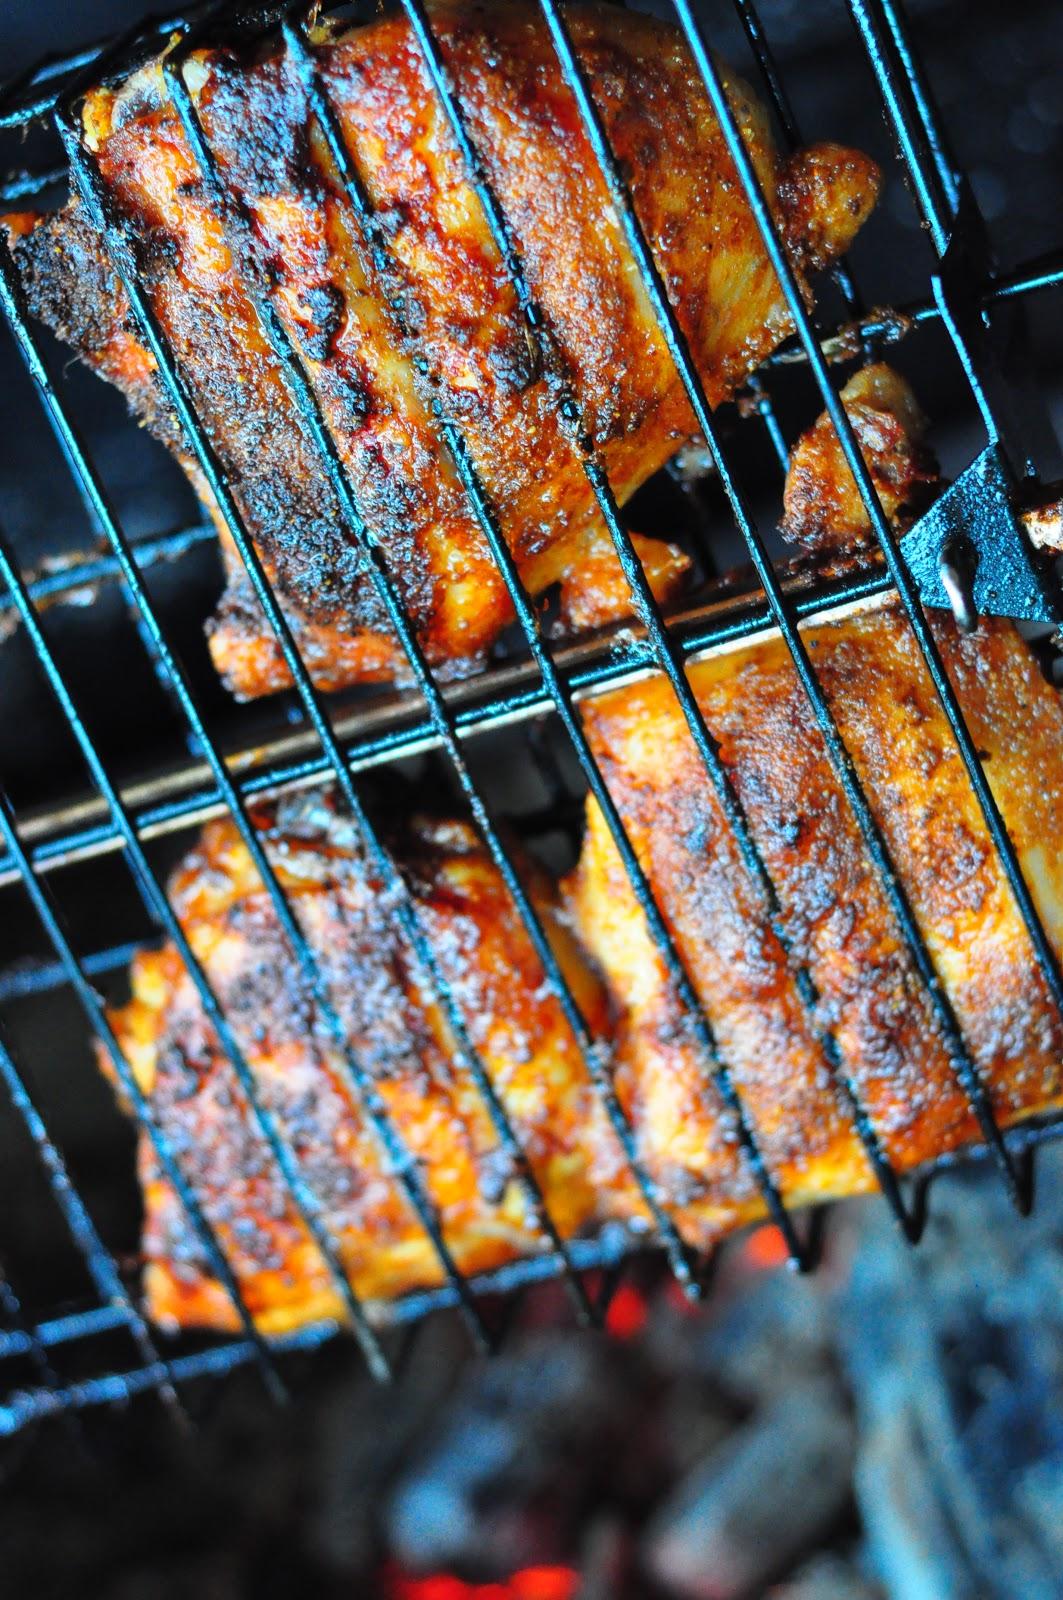 L 39 escale poulet au charbon de bois - Accompagnement sardines grillees barbecue ...